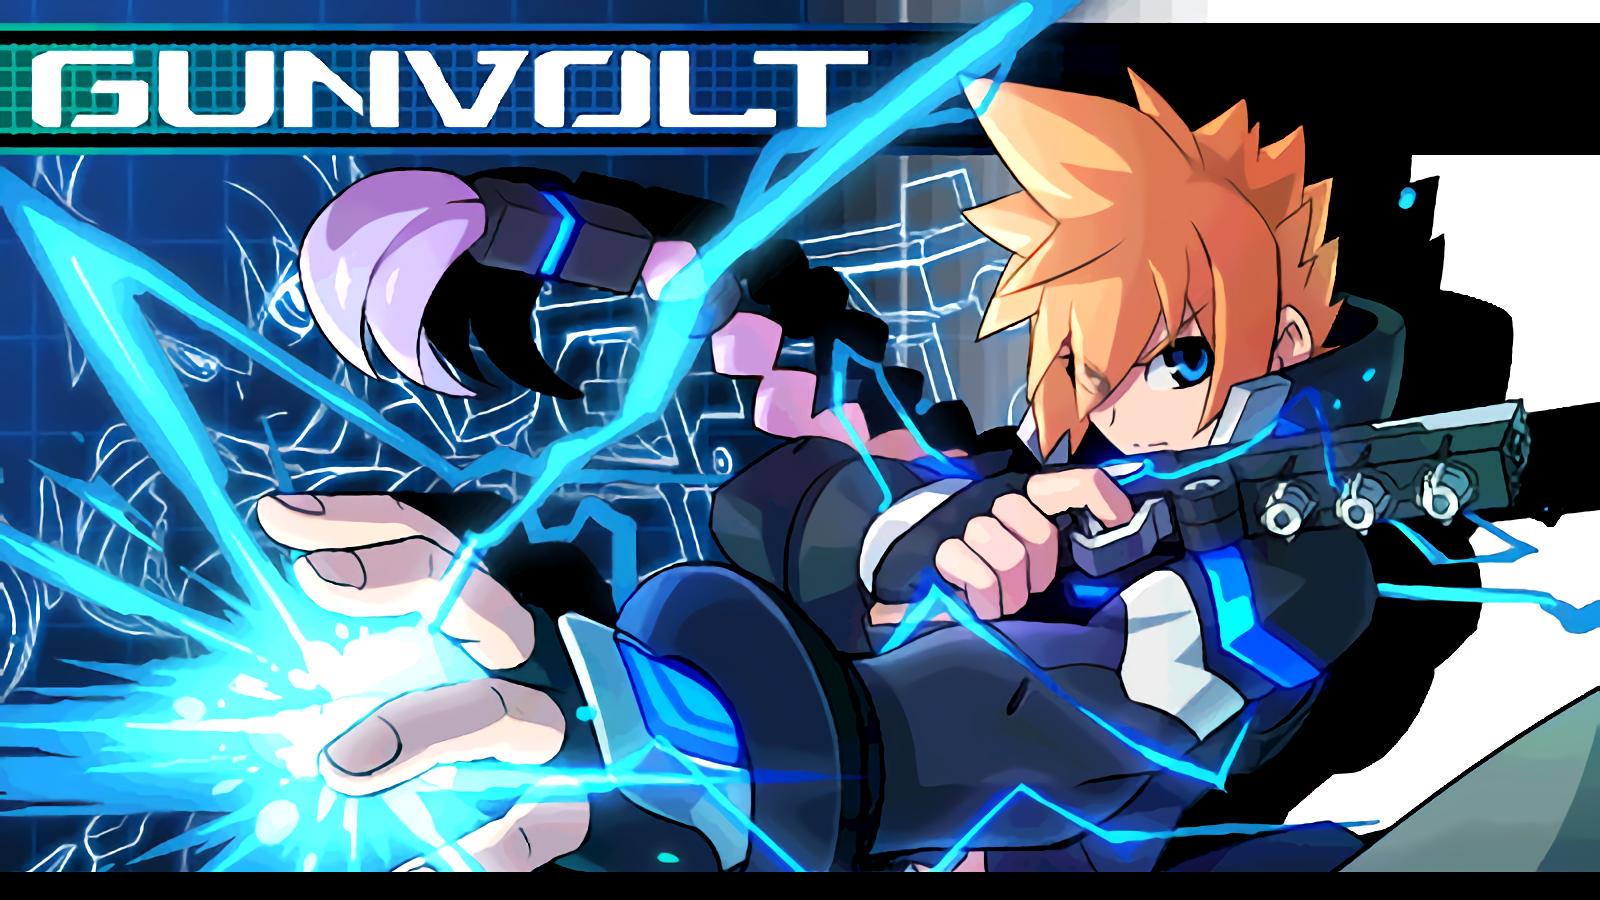 [Ficha Completa] Azure Striker Gunvolt - Gunvolt Gunvolt___azure_striker_gunvolt_2_wallpaper_by_kaz_kirigiri-db4djf3